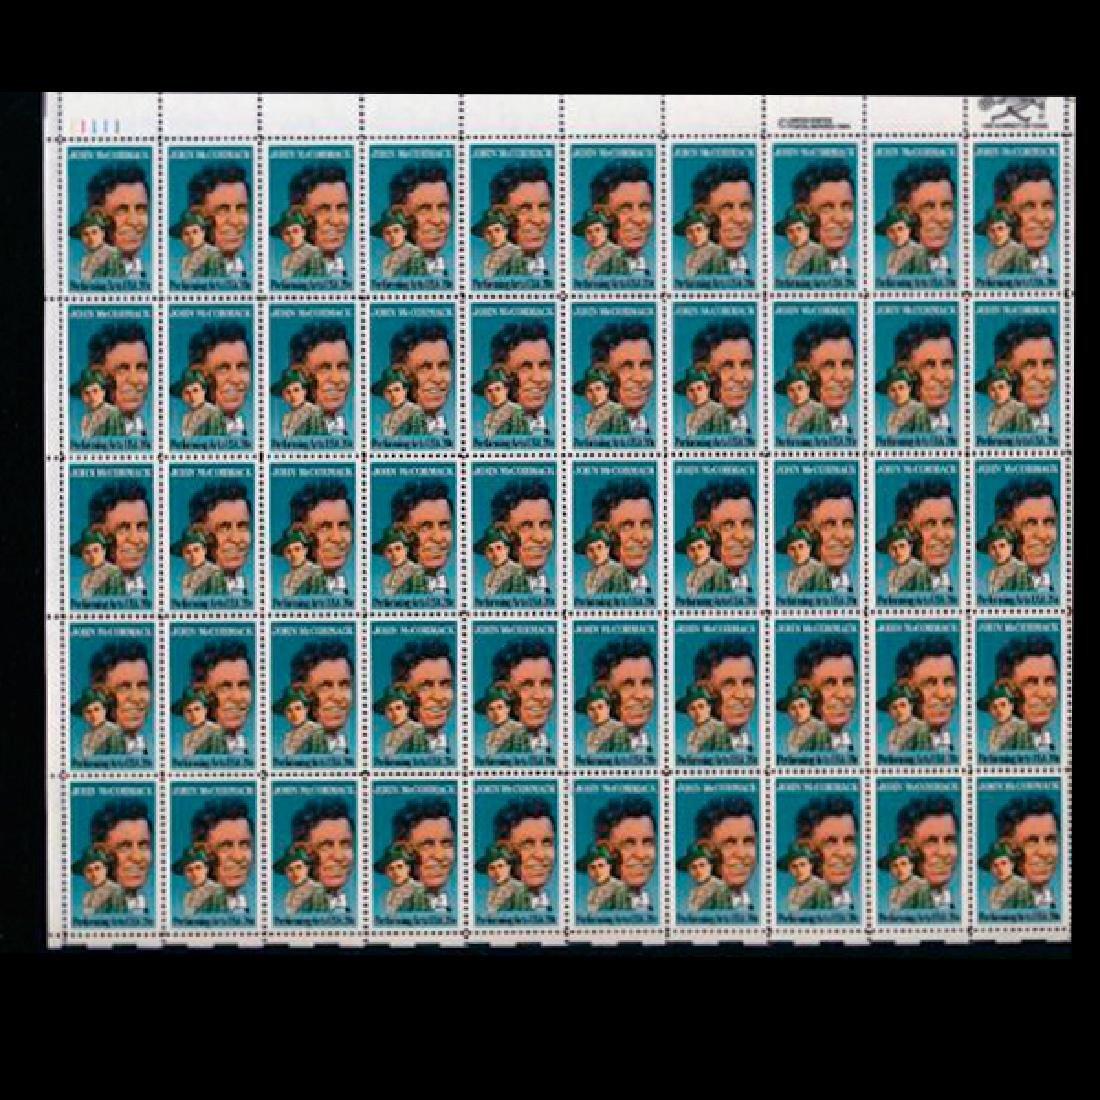 1984 US Sheet 20c John McCormack Stamps MNH Scarce